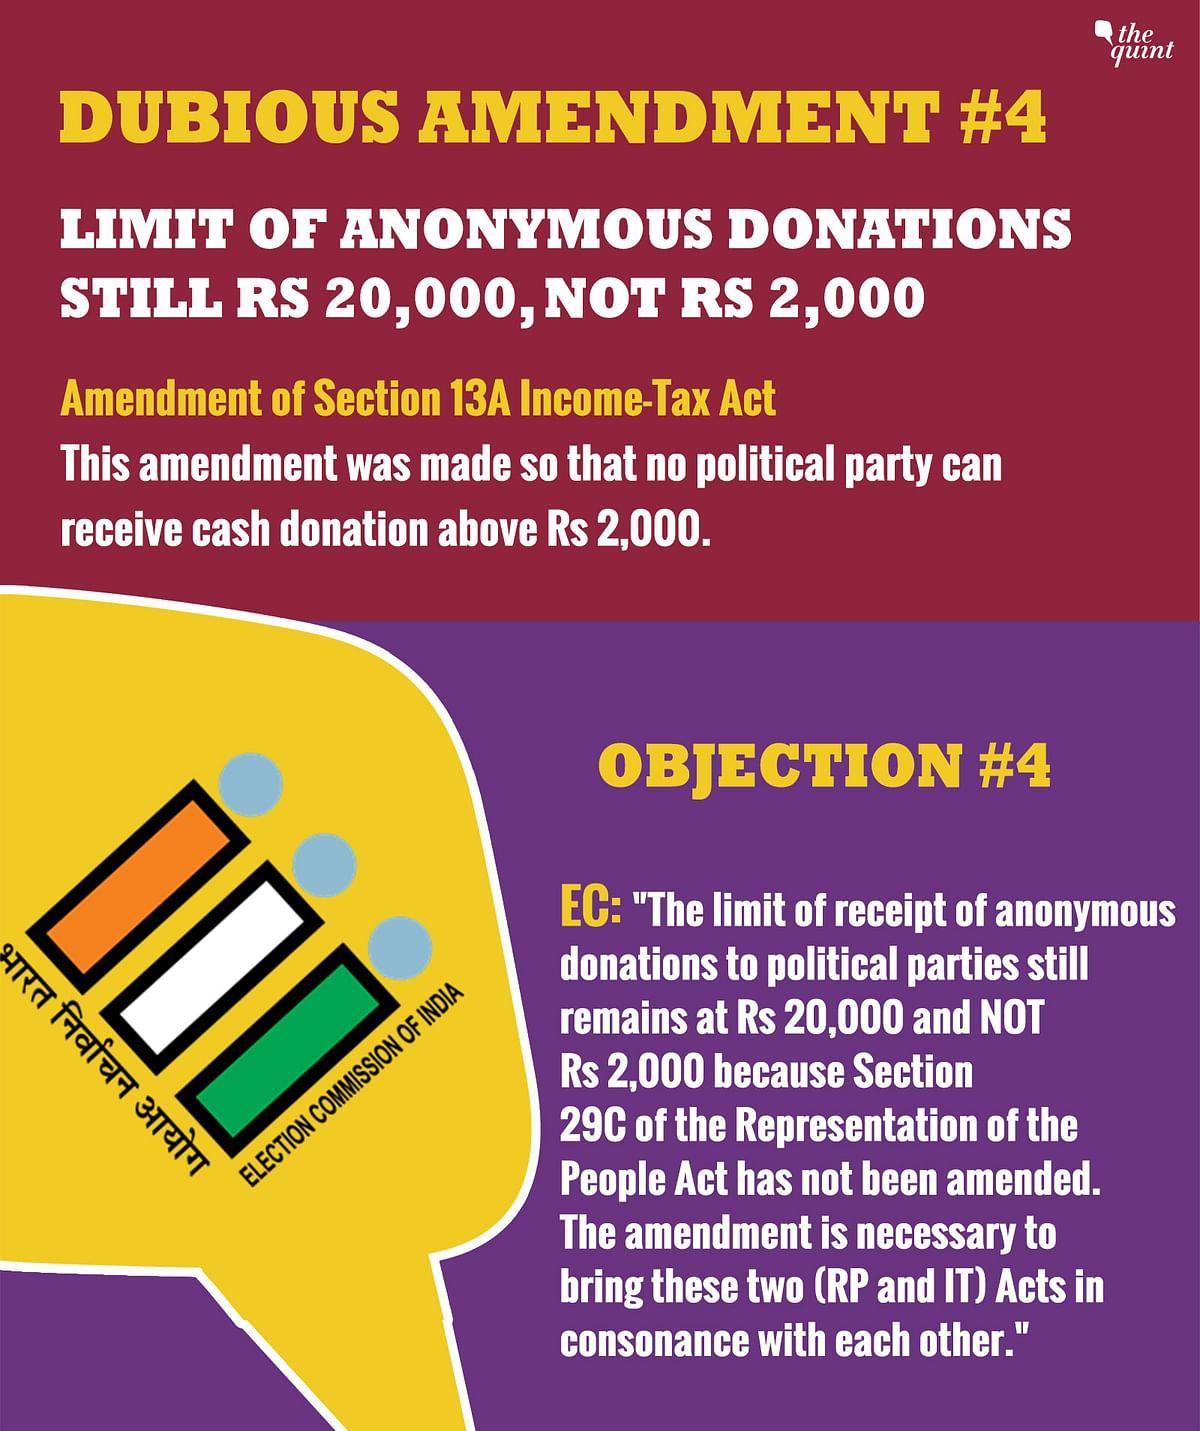 EC on Electoral Bonds: